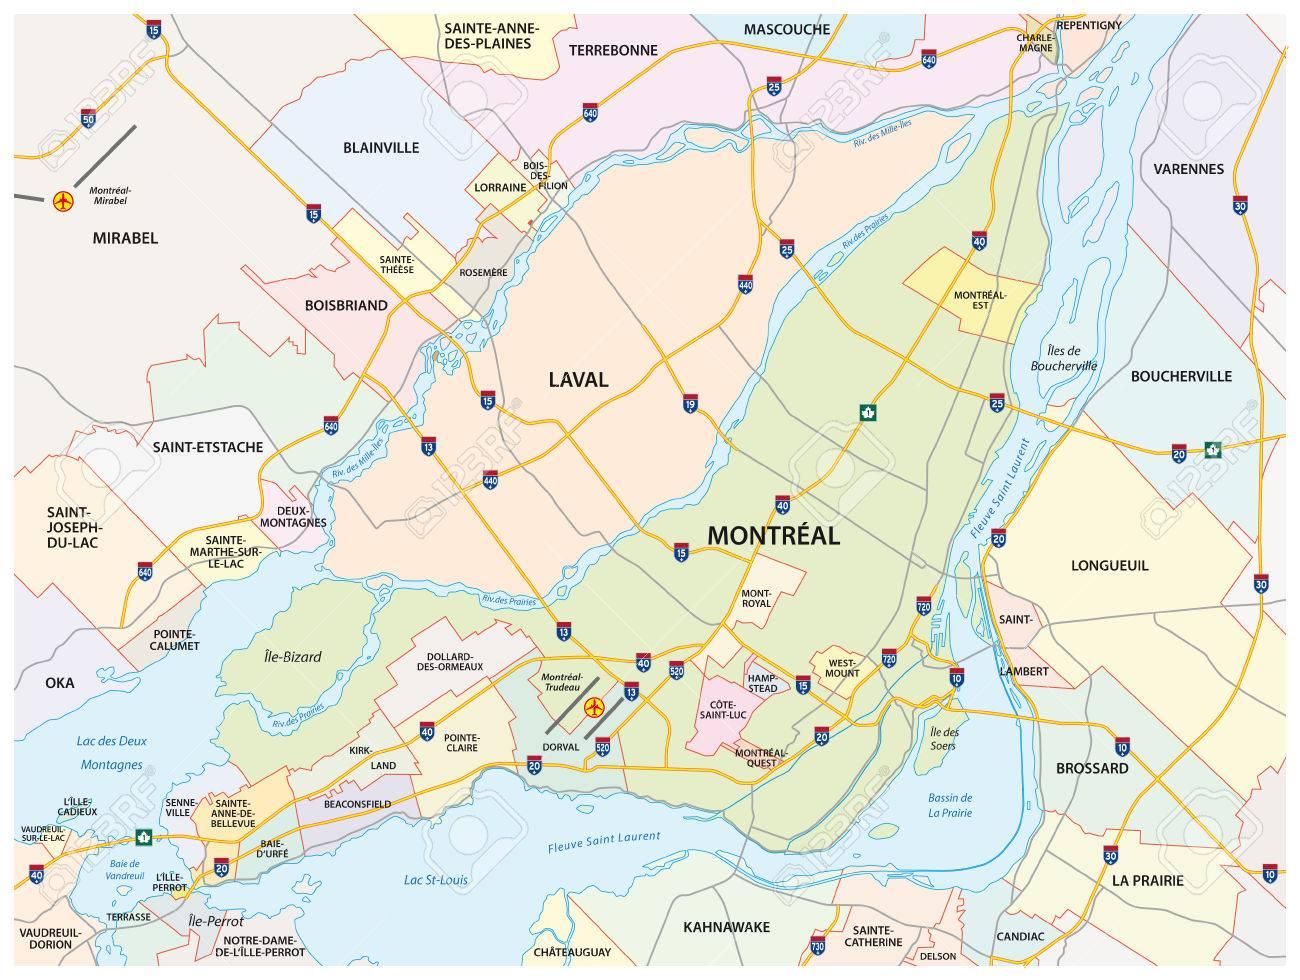 Mehr Montreal Strasse Und Verwaltungs Karte Lizenzfrei Nutzbare